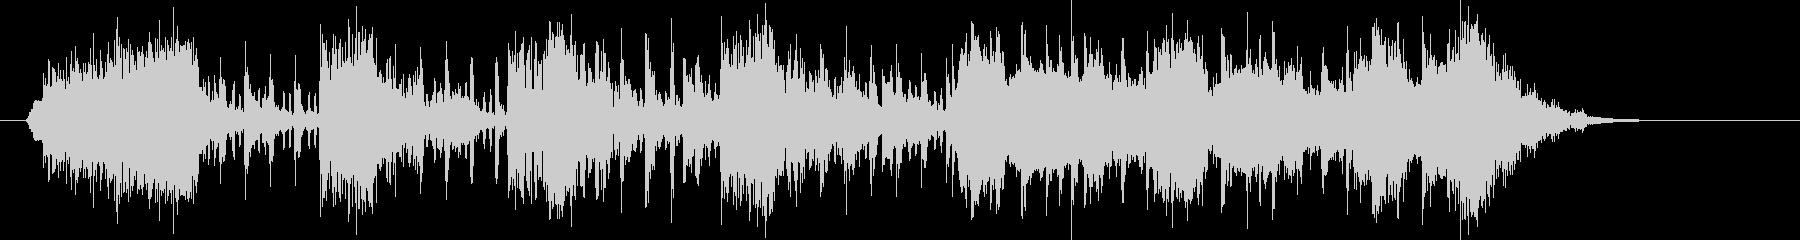 スラップベースとストリングスのグルーブの未再生の波形